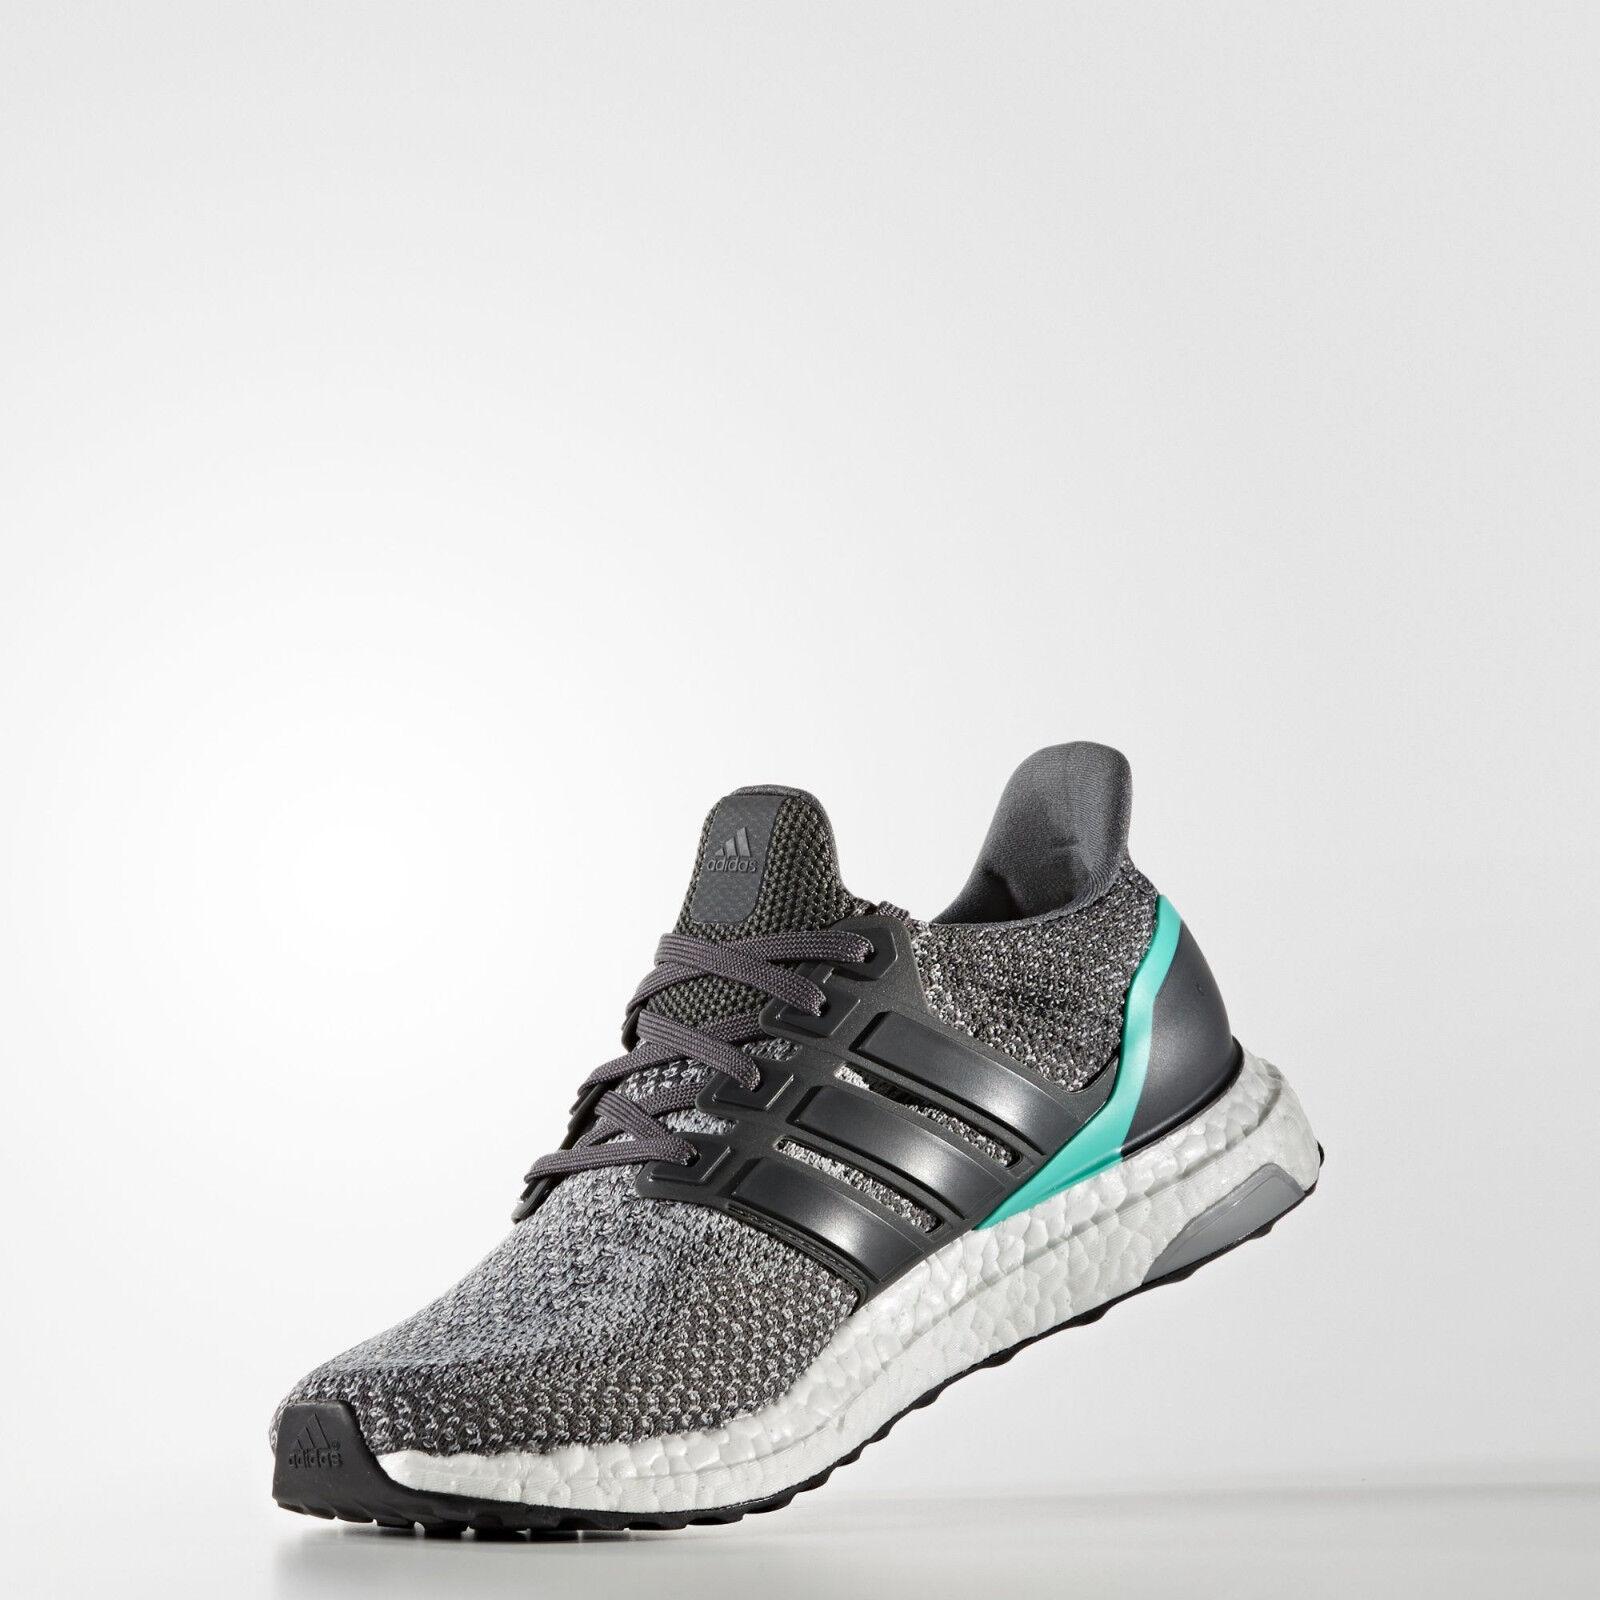 Adidas Ultra Boost 2.0 Herren Laufschuhe Grau Mint aq5931 Ultraboost Größen 7 14